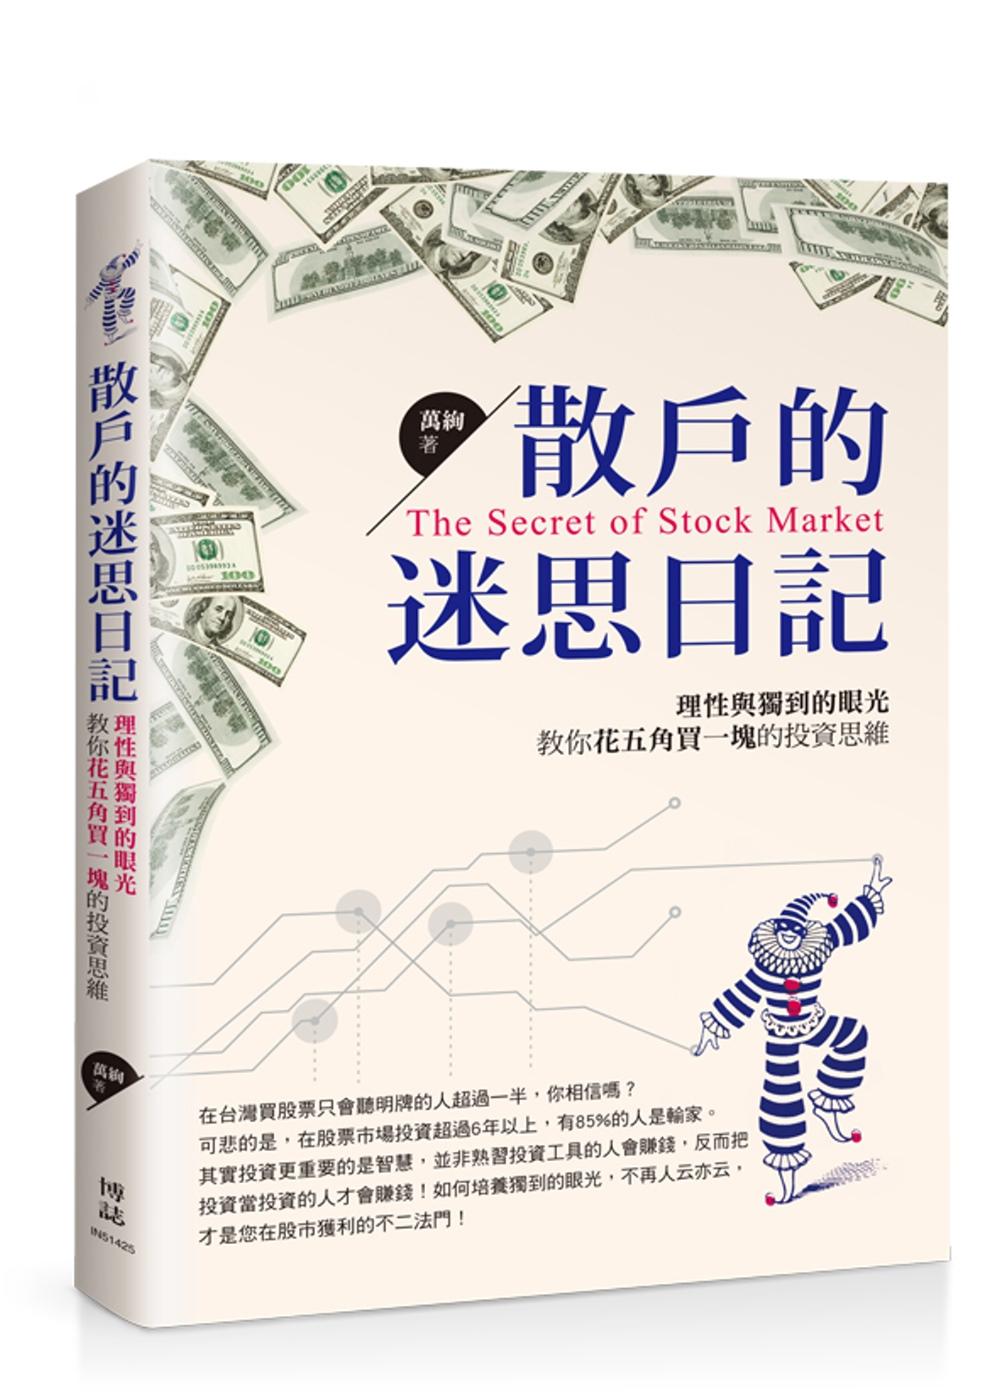 散戶的迷思日記:理性與獨到的眼光,教你花五角買一塊的投資思維